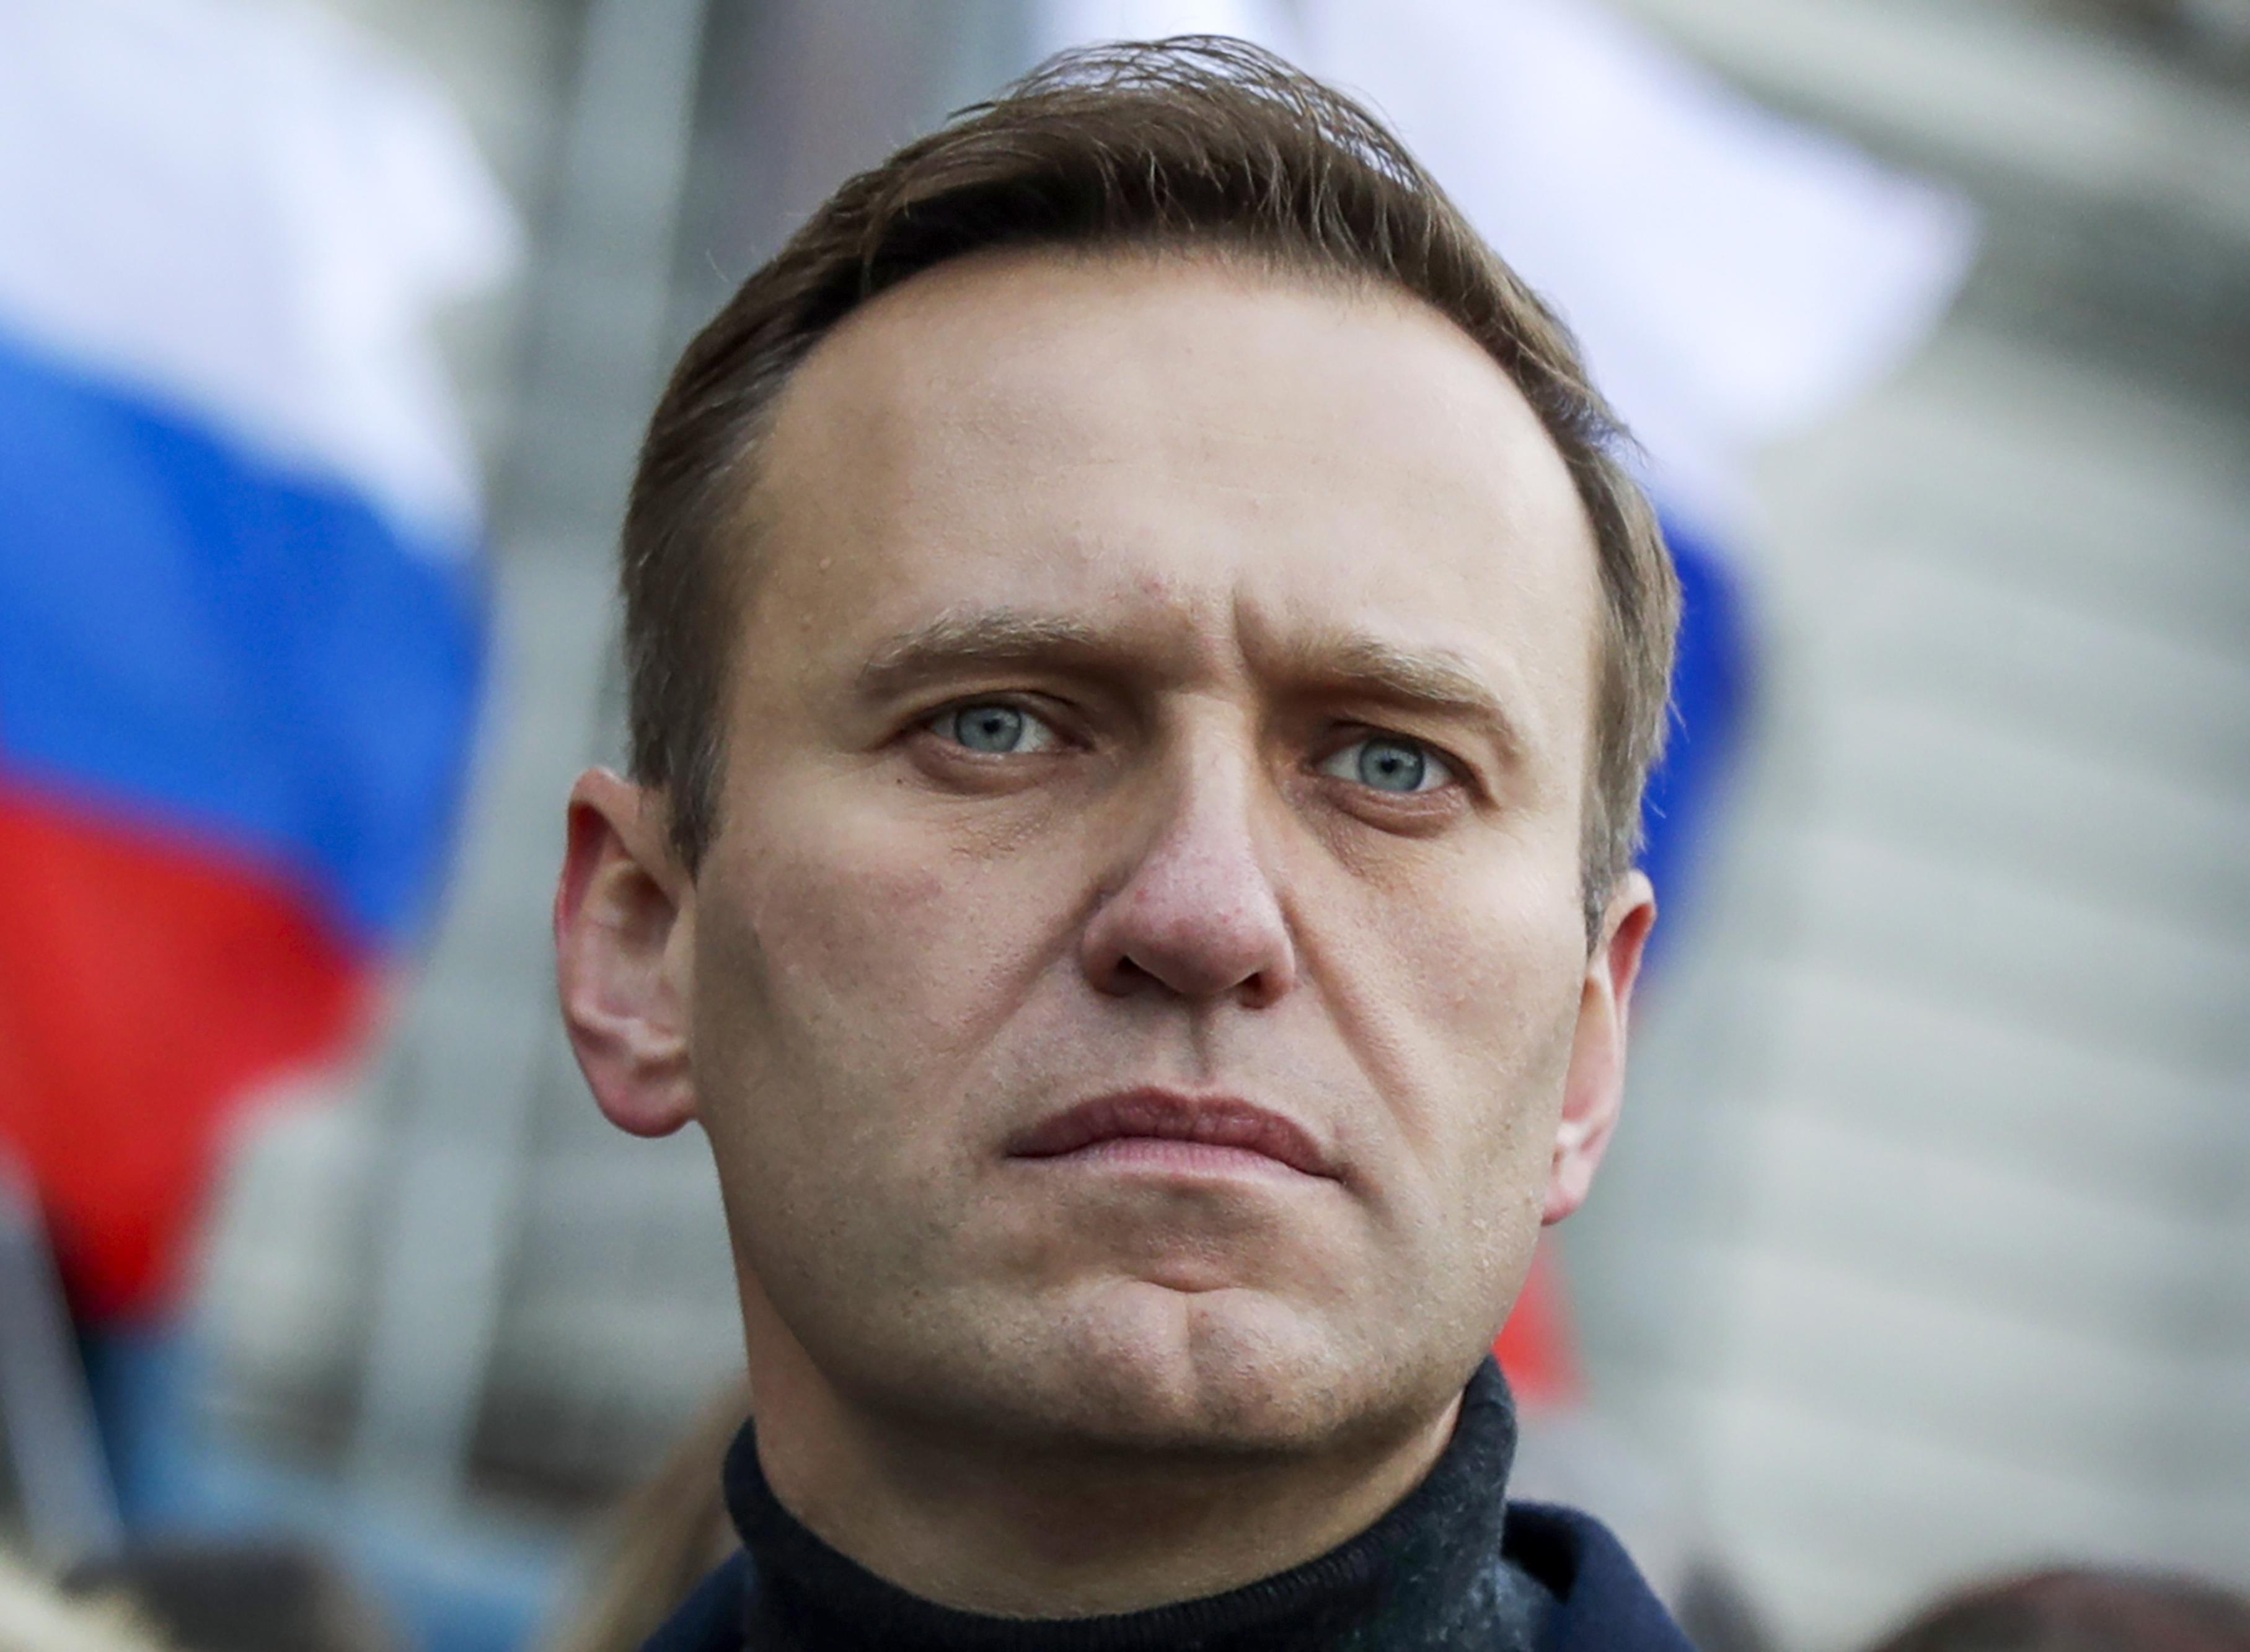 Navalny condannato in appello dovrà scontare quasi 3 anni di carcere